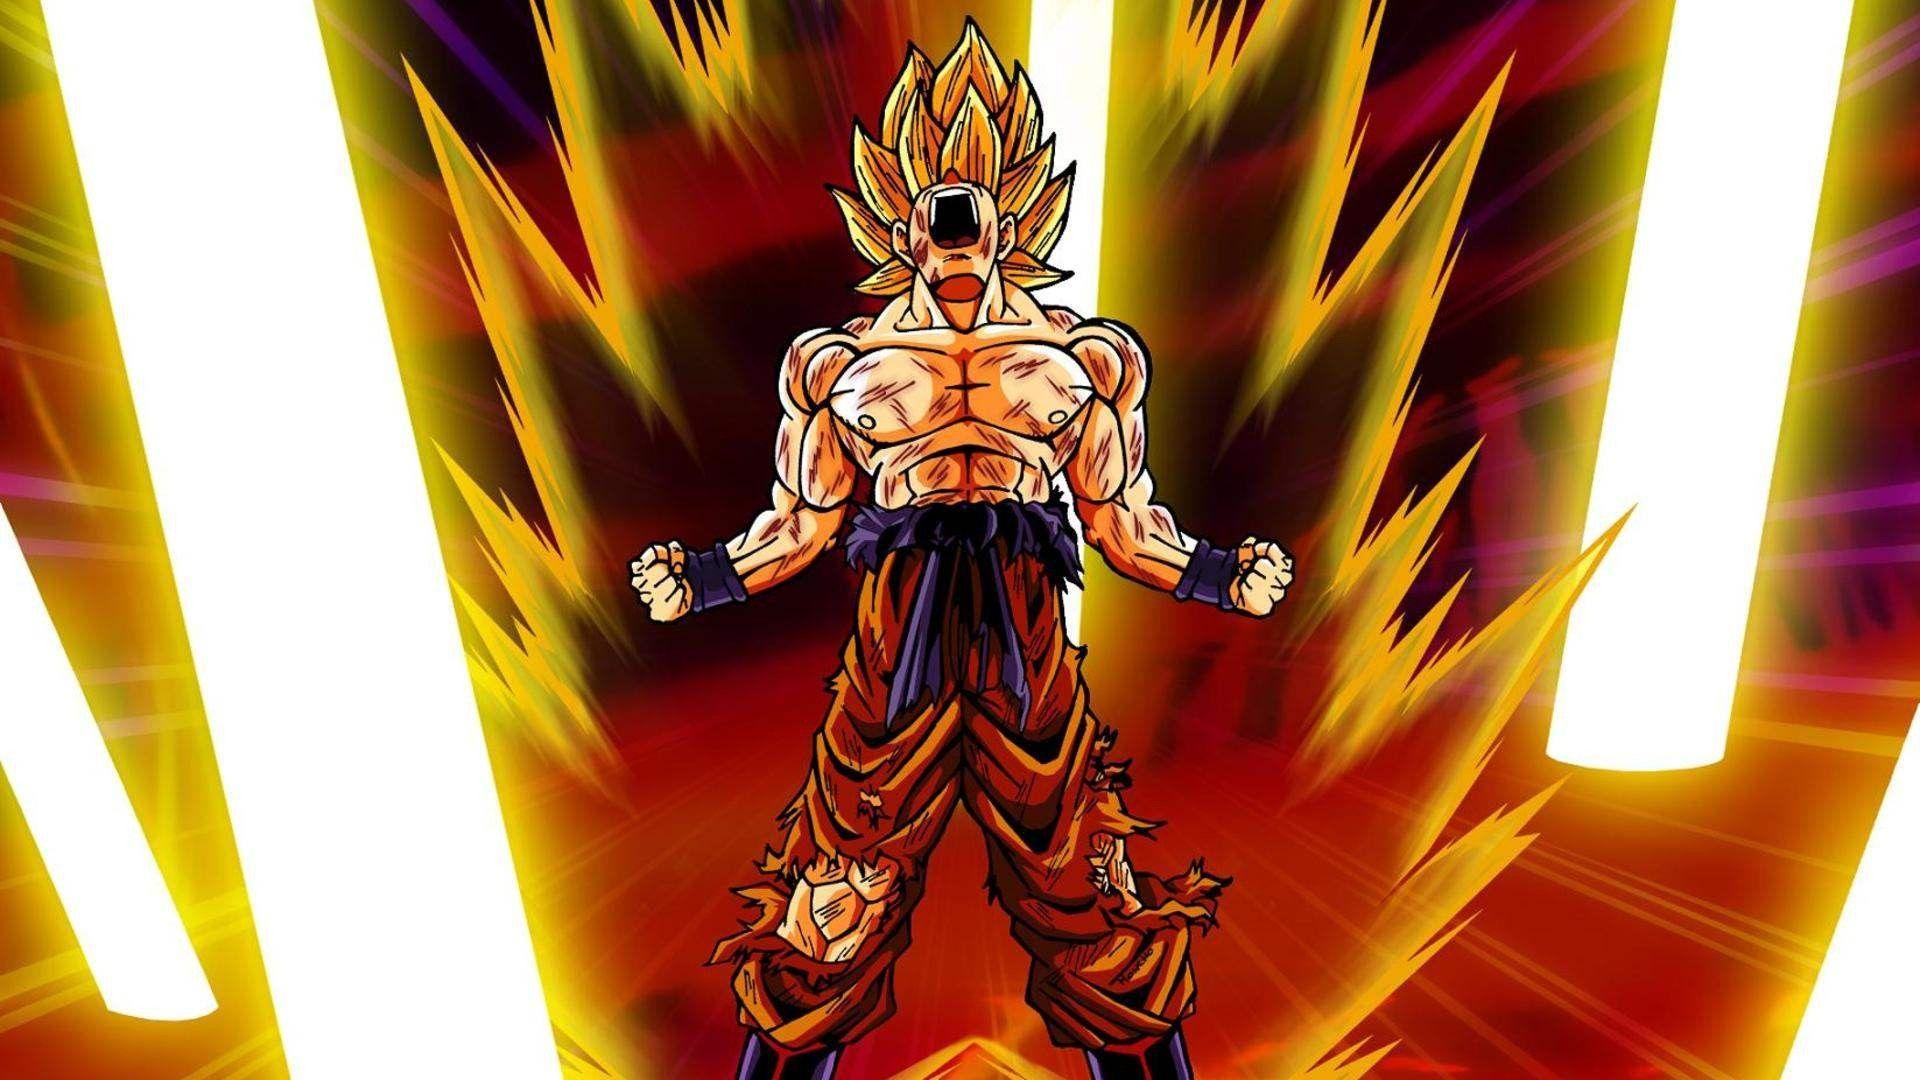 Dragon Ball Z Wallpapers Goku Super Saiyan 4 Inspiration Dragon